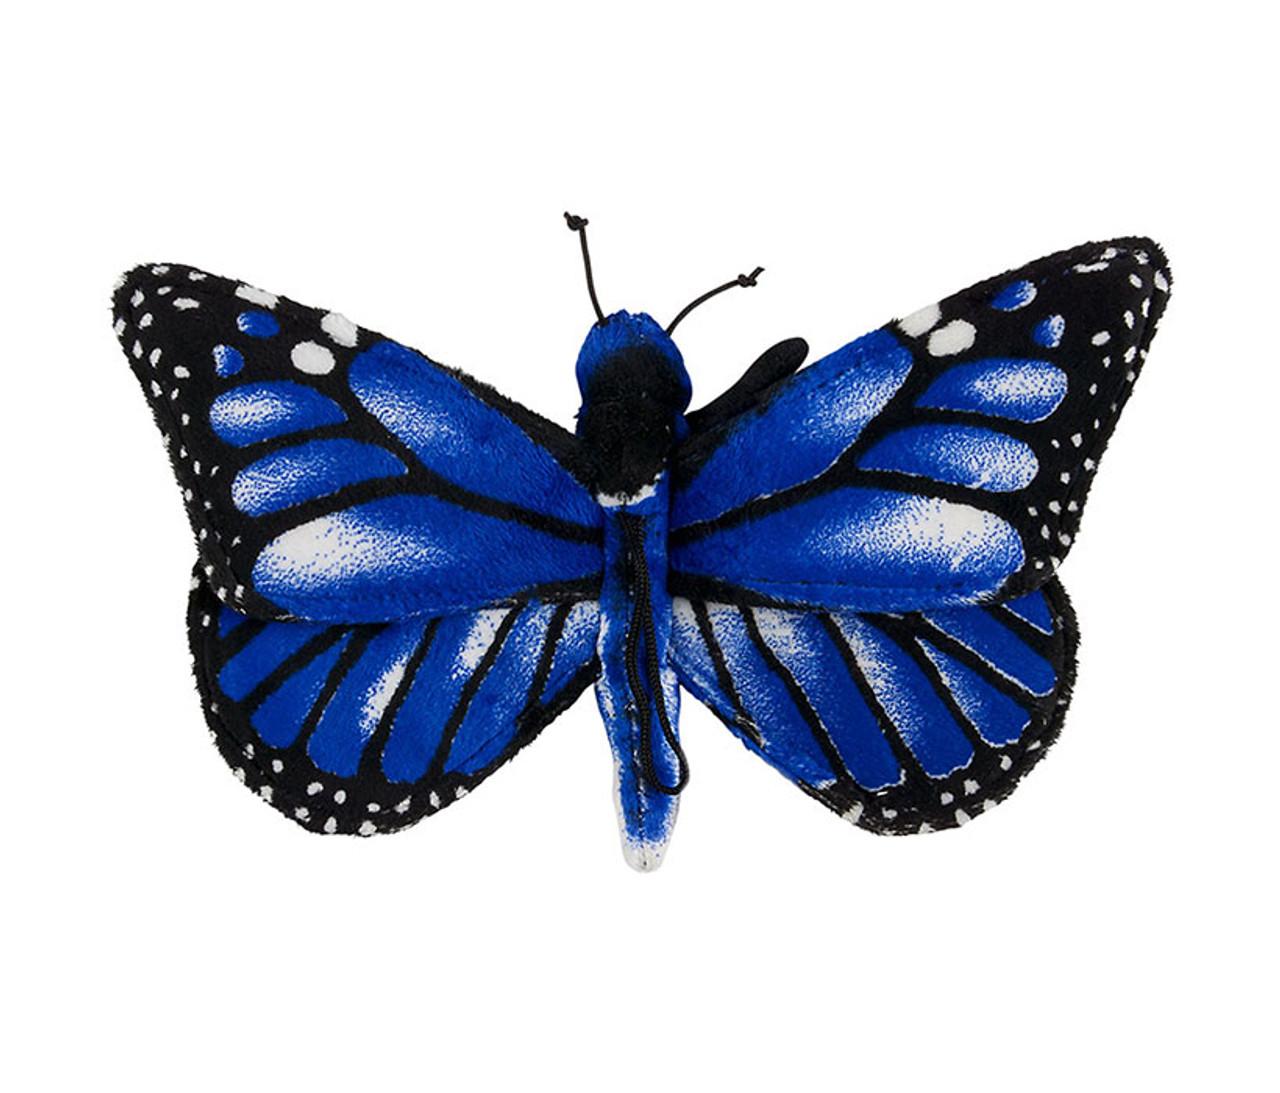 Blå Morpho Butterfly Toy Stuffed Animal Plush-4986